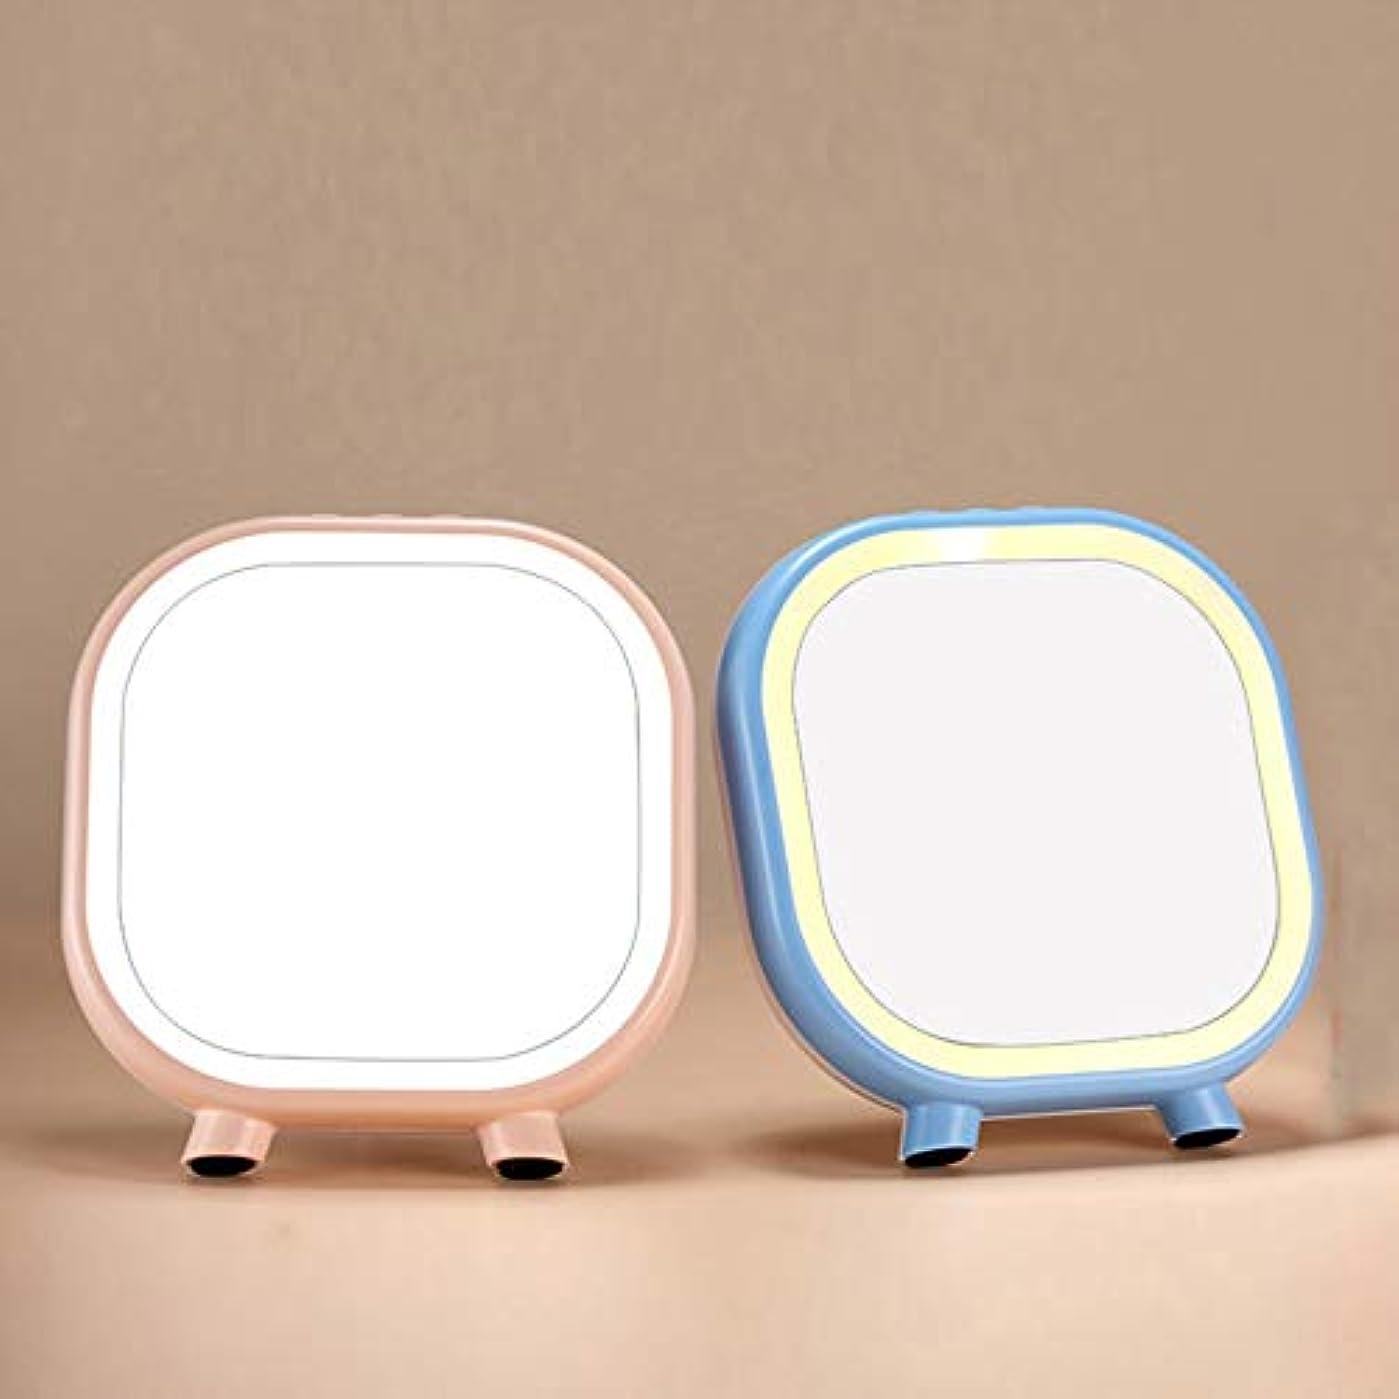 スリップシューズ分格差流行の クリエイティブ新しいLED照明ブルートゥーススピーカー美容ミラー化粧鏡化粧鏡ABS材料2ブルーブルー (色 : Pink)